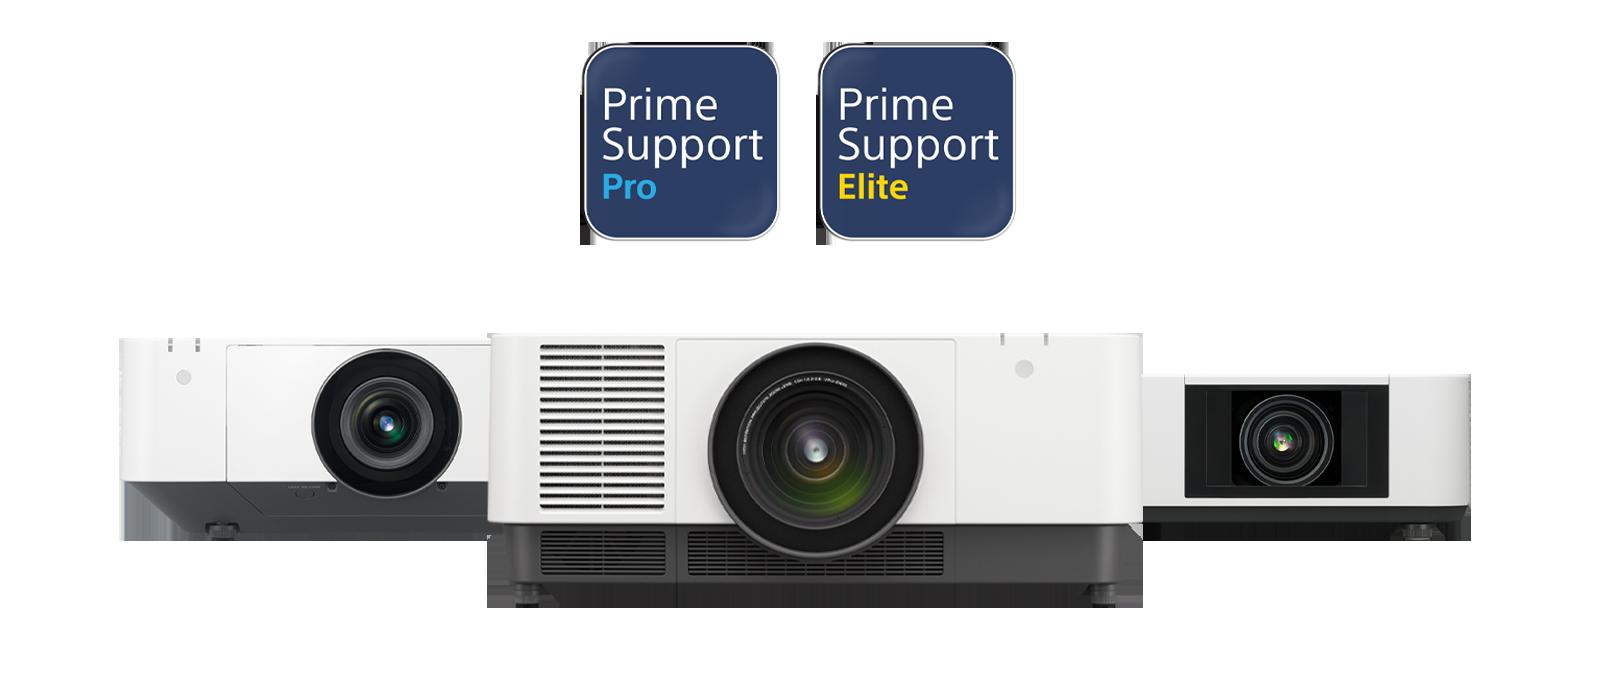 Imagen con un VPL-FHZ131L, un VPL-FHZ66 y un VPL-PHZ12, todos cubiertos por PrimeSupport.